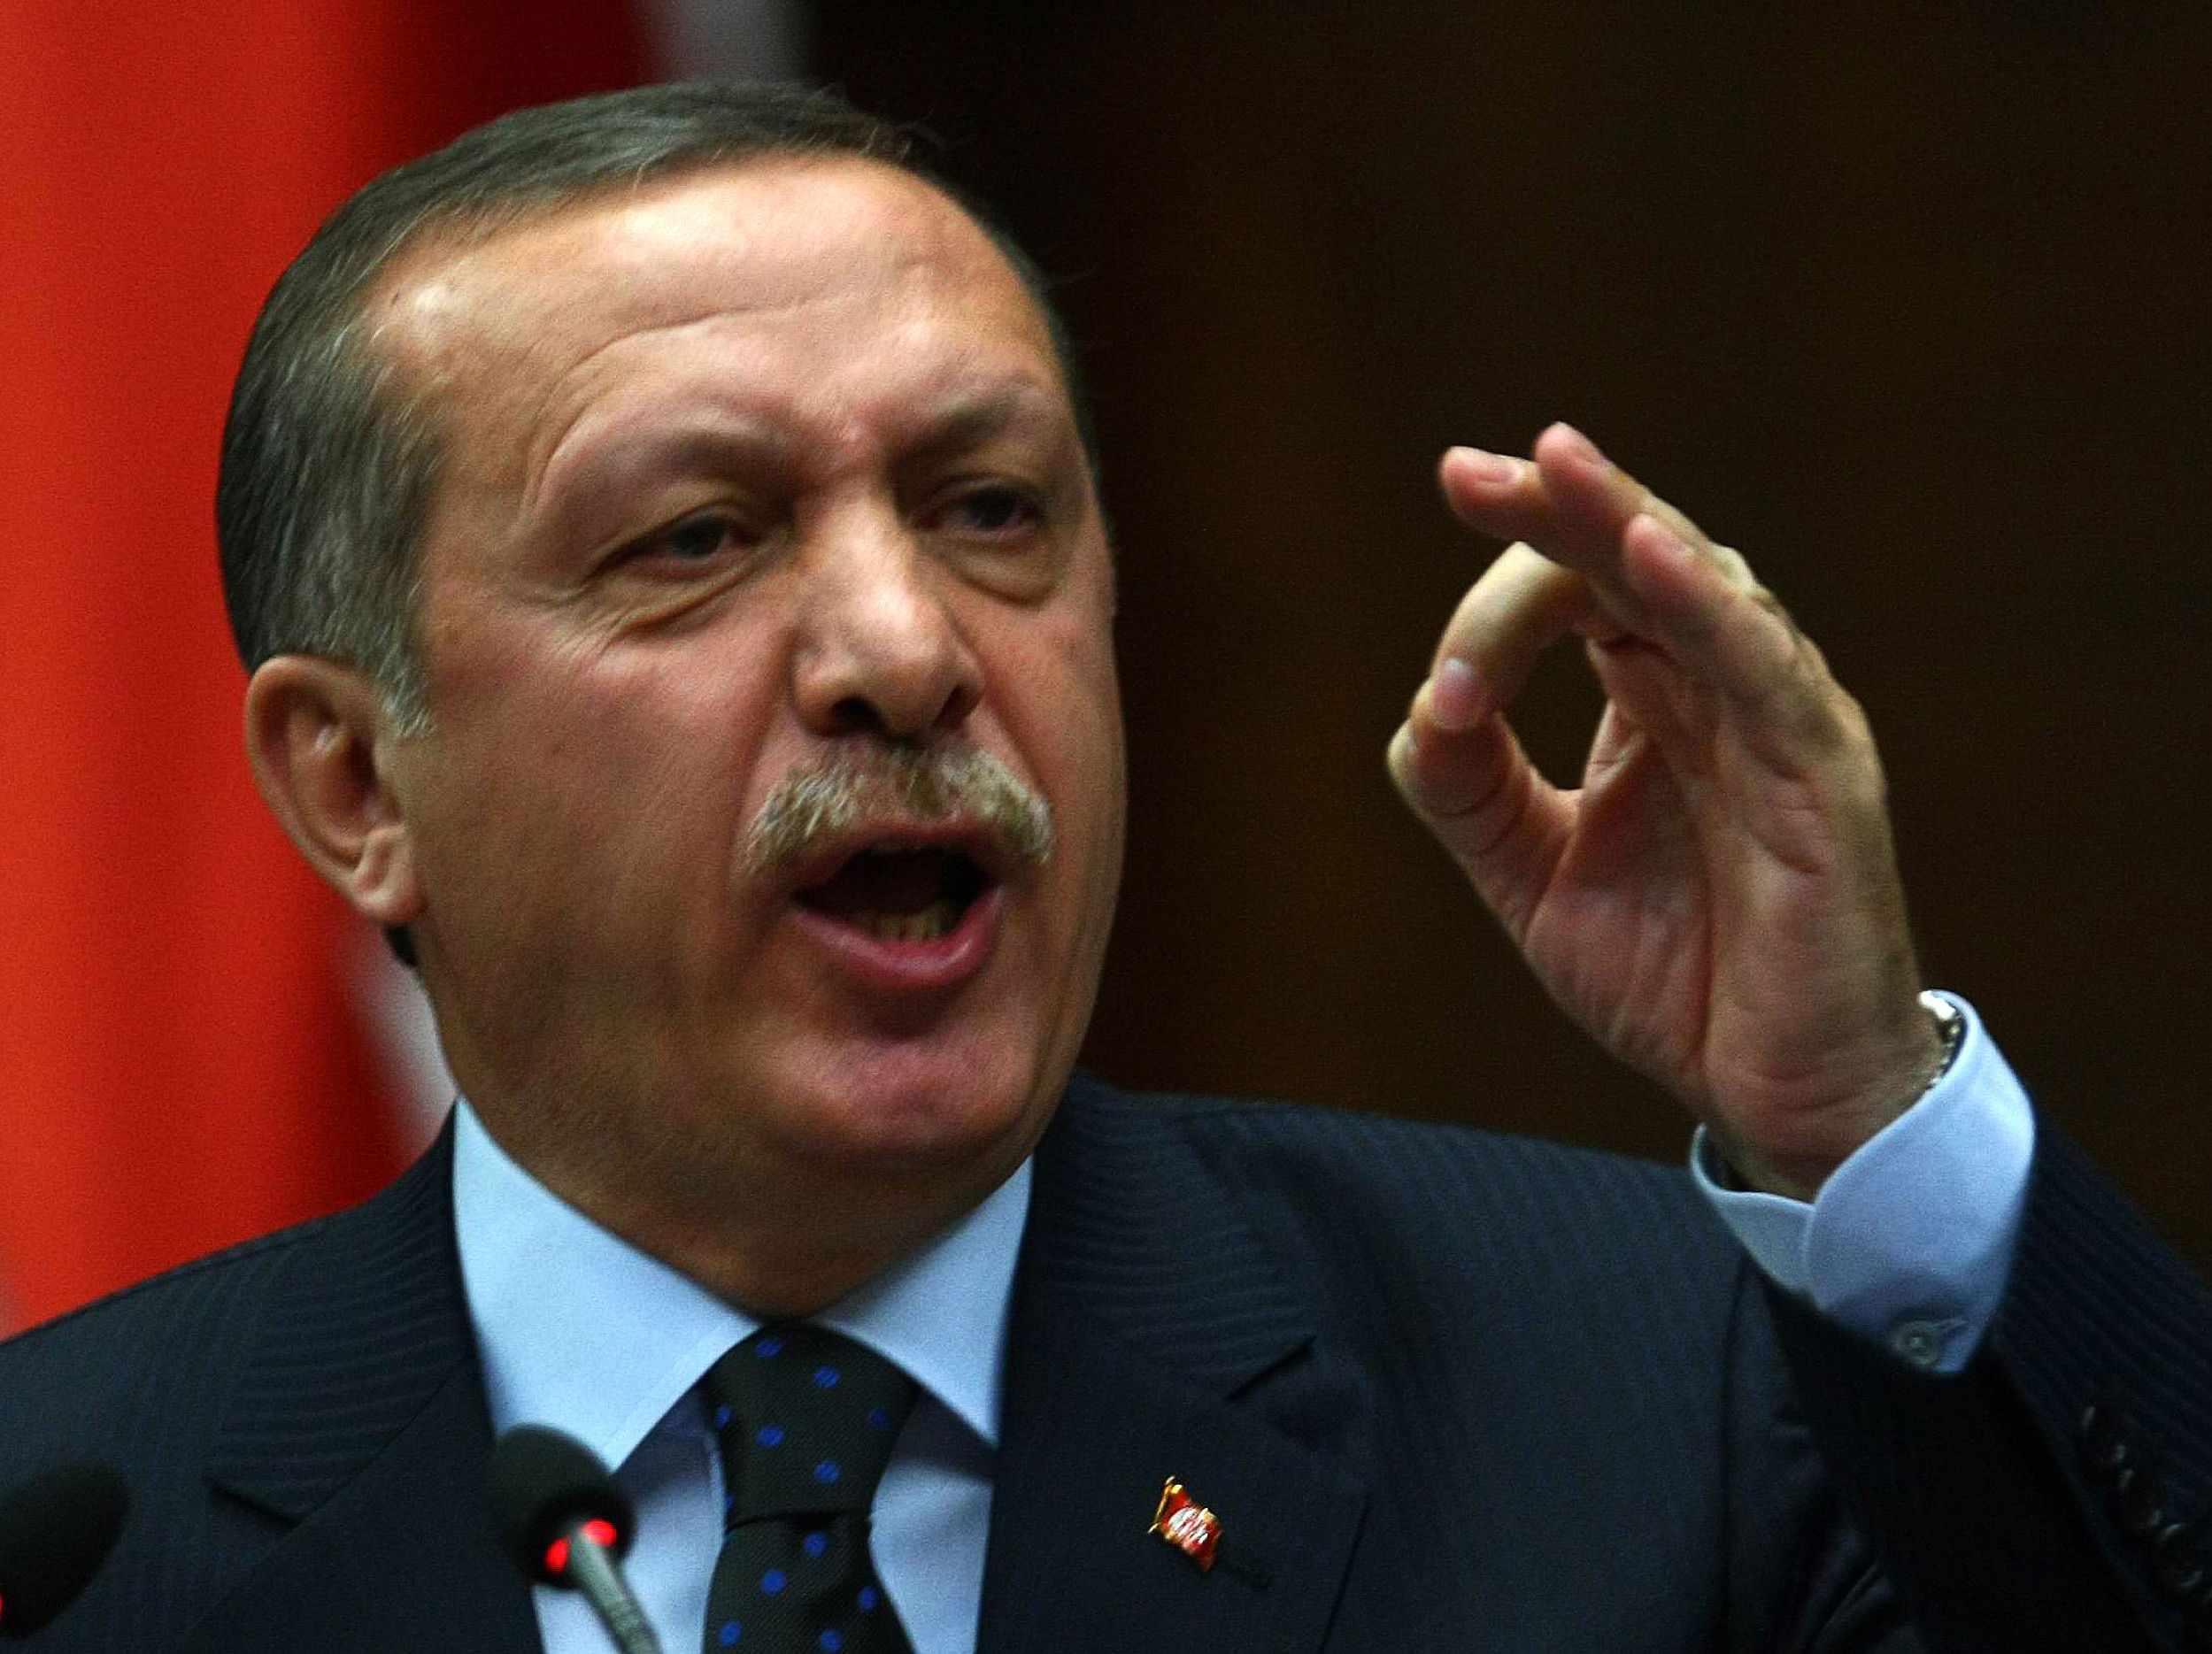 أردوغان يجدد هجومه على المعارضة في تركيا ويتهمها بالإفلاس وعدم التجانس